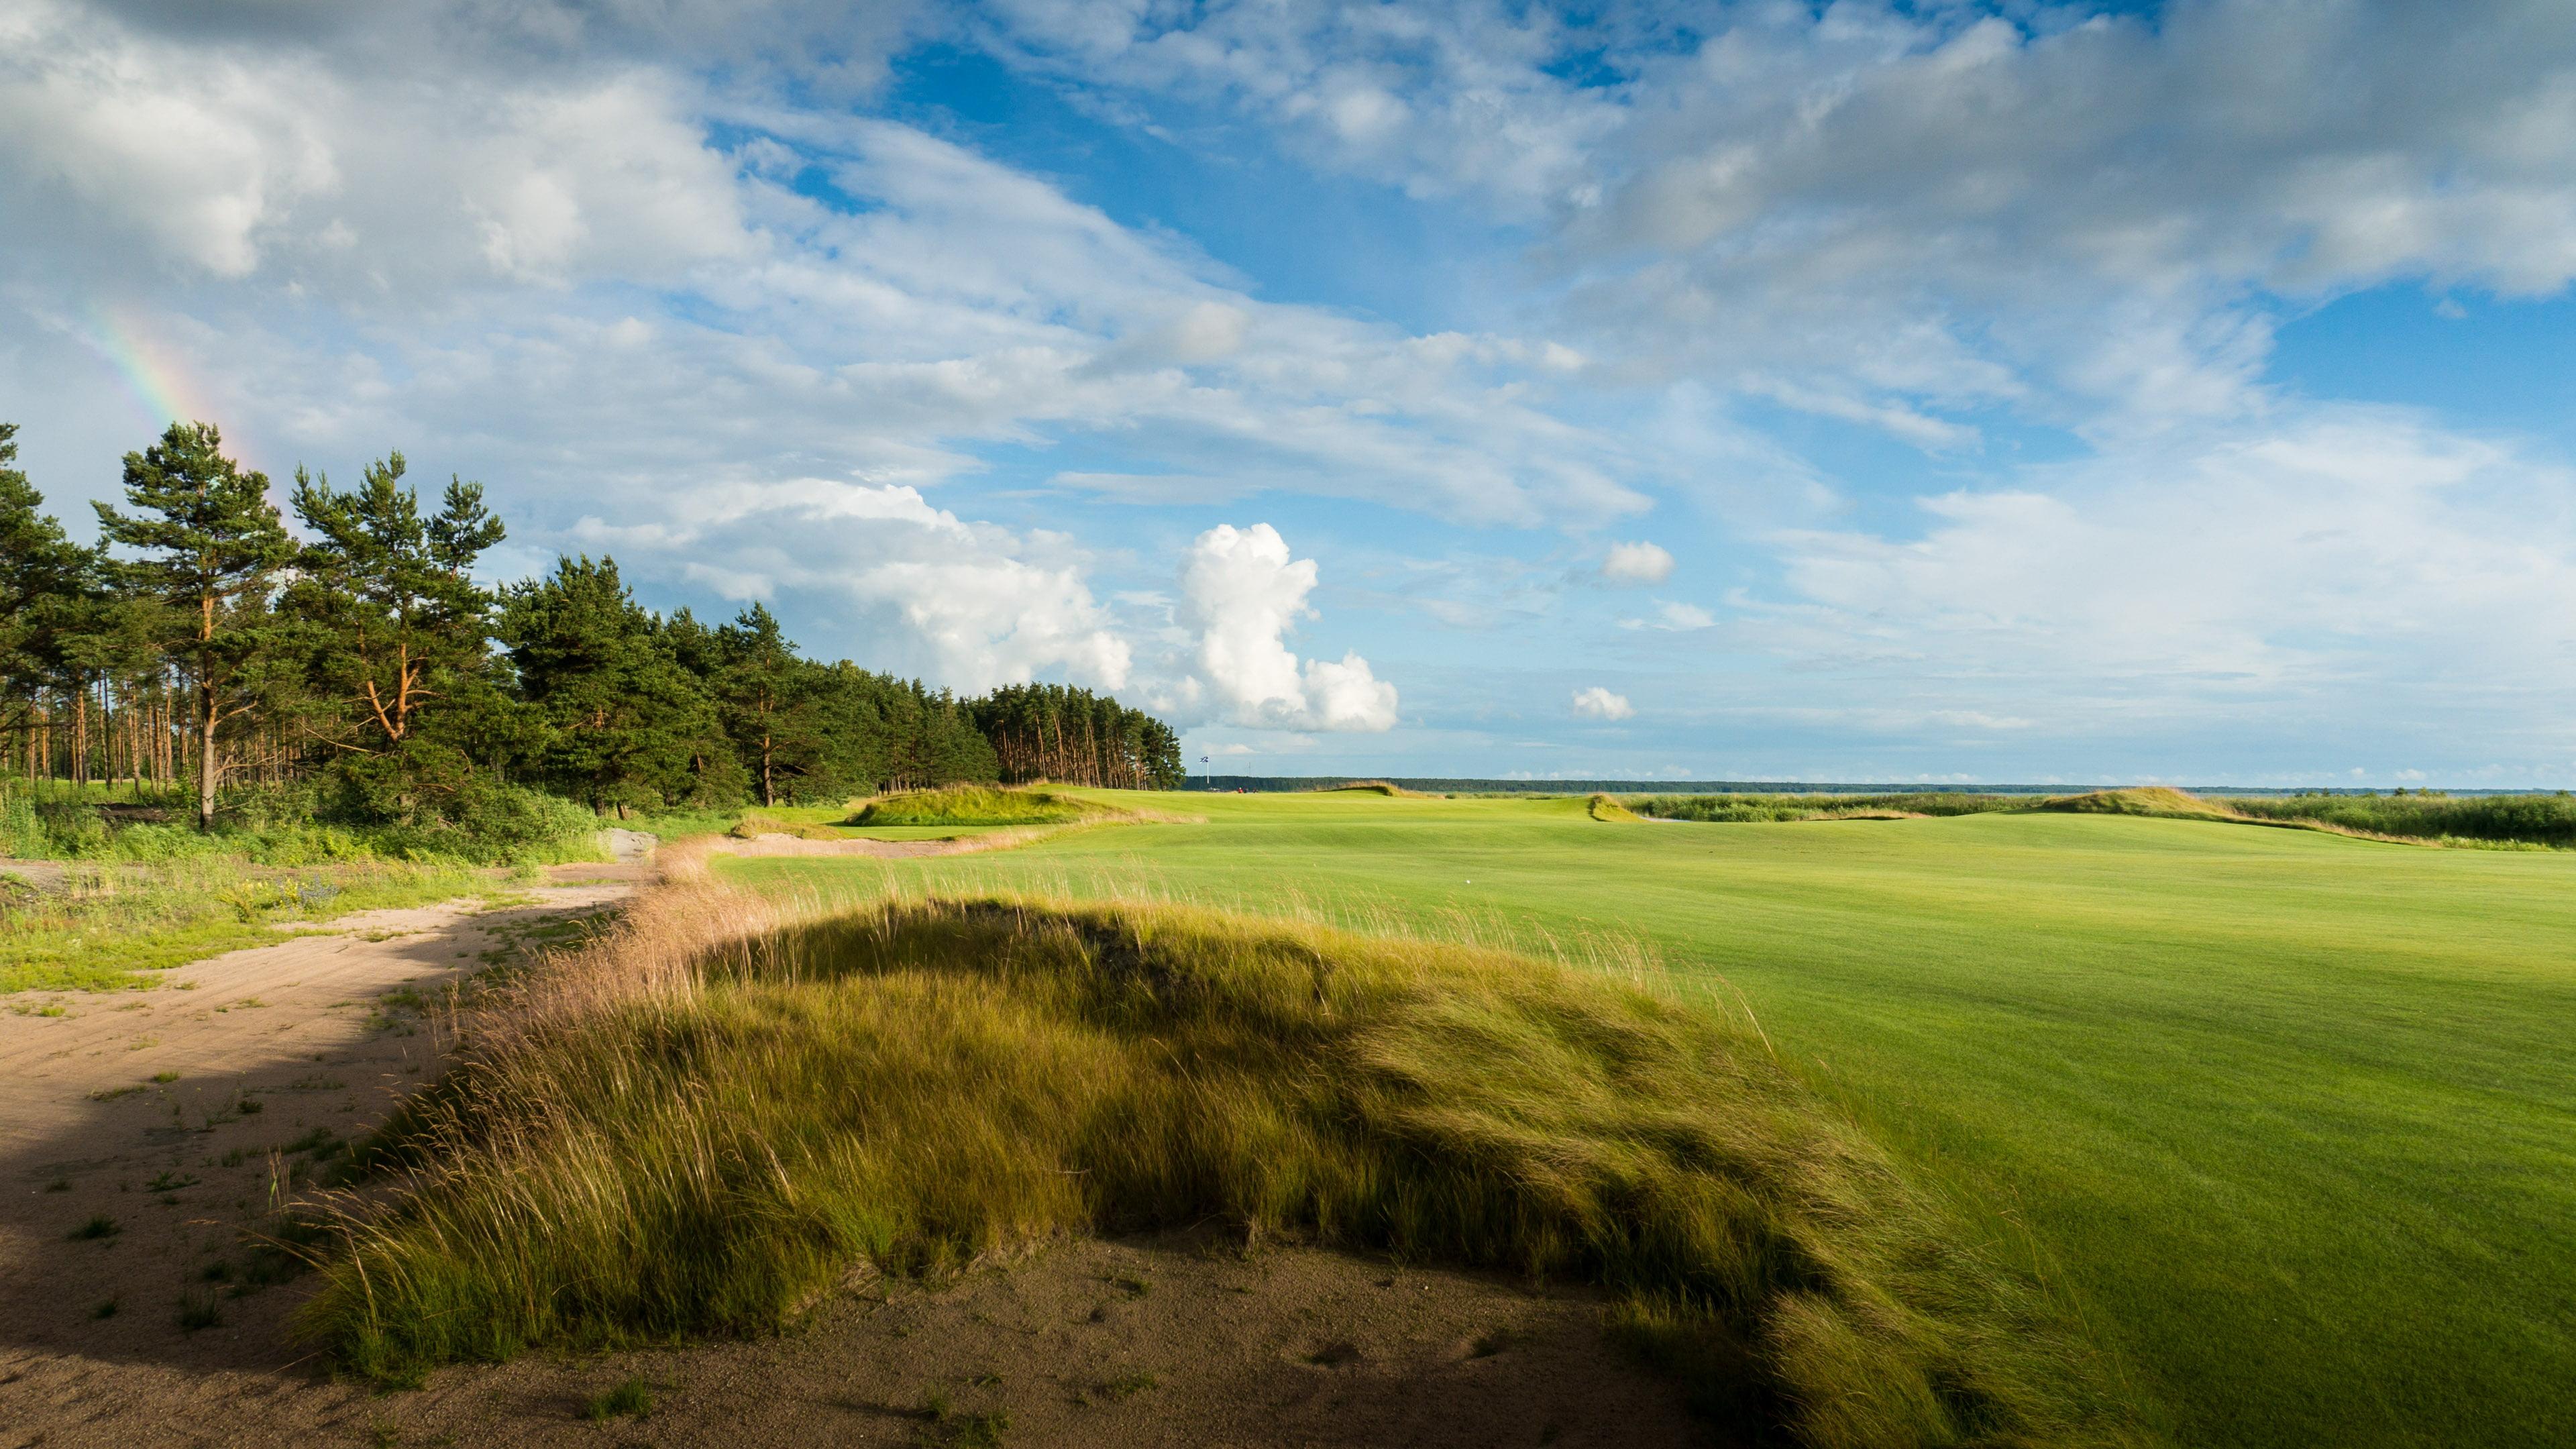 Pärnu Bay Golf Links, Pärnu, Estonia